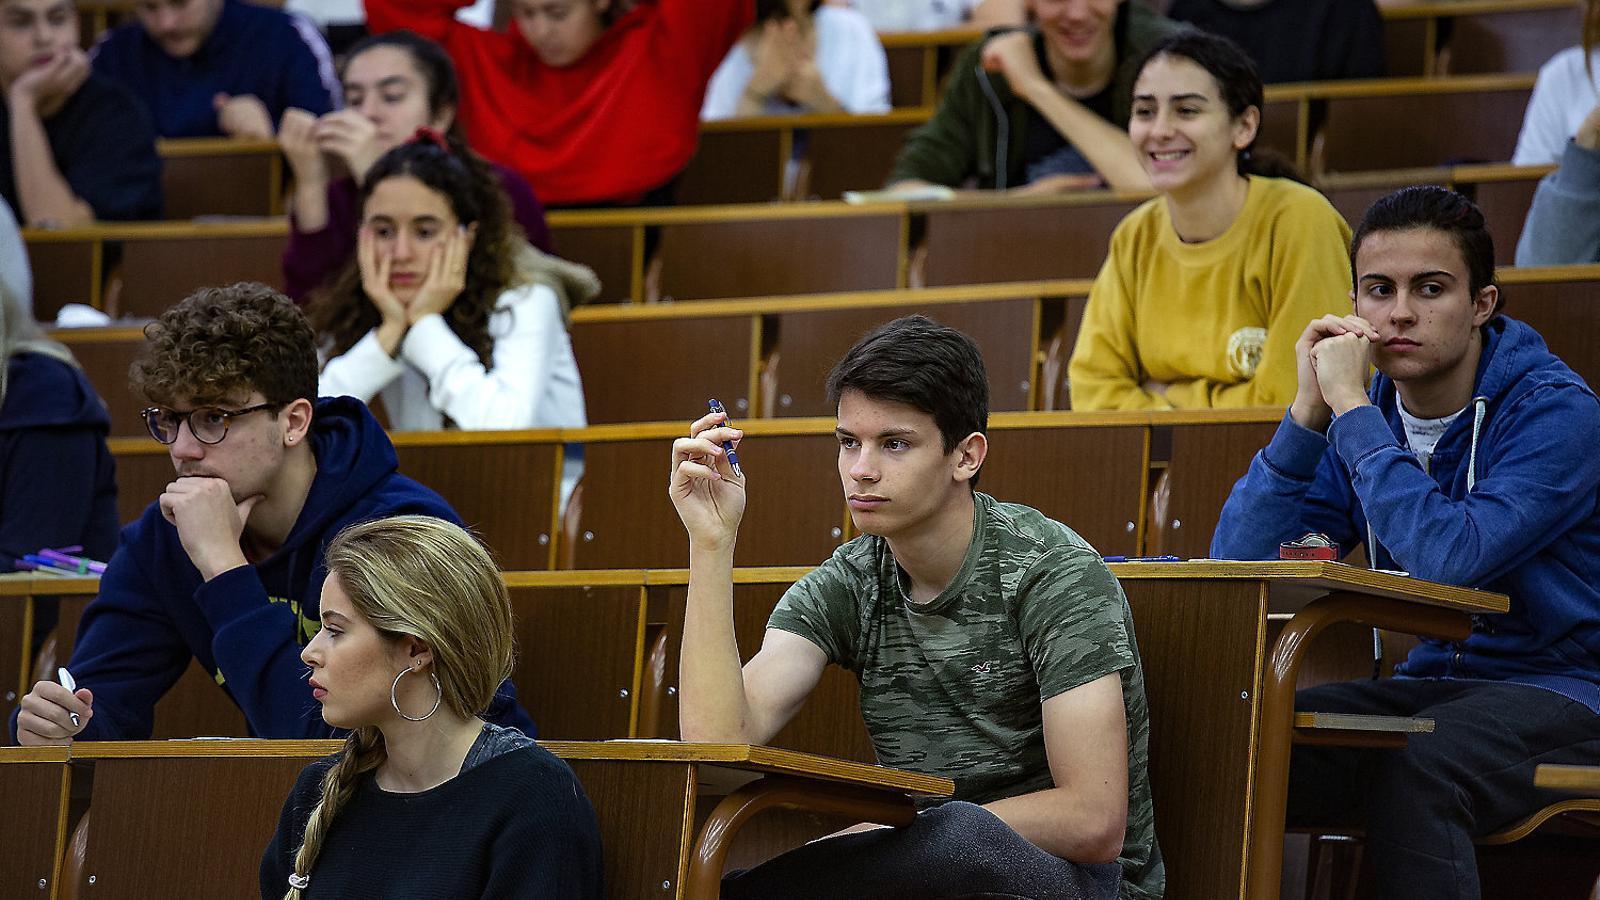 Alumnes de selectivitat fent la prova a la facultat de Medicina de la UB, en una imatge d'arxiu.